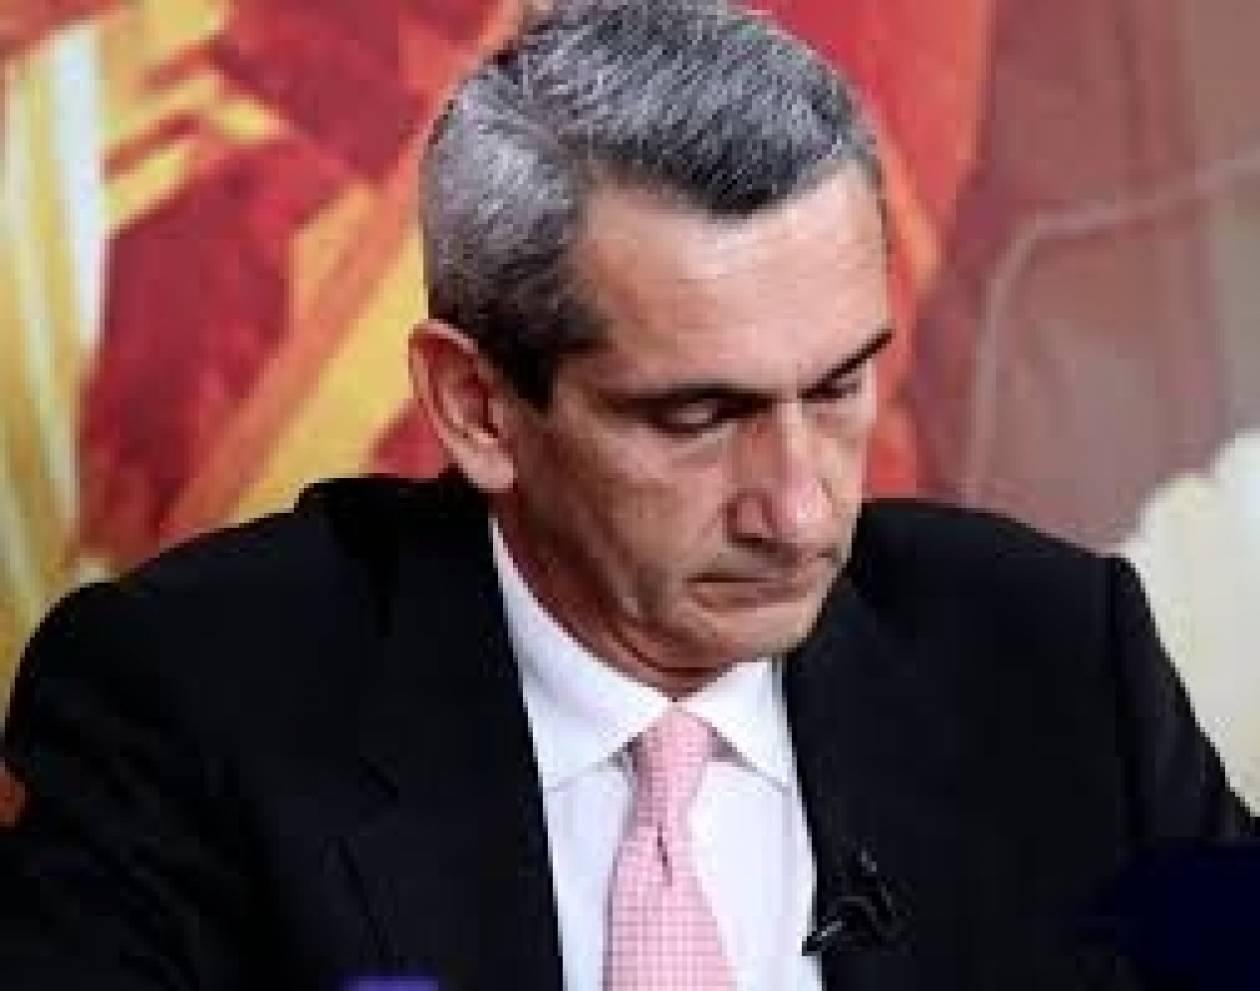 Aνατροπή στην εκλογική μάχη στην Περιφέρεια Αιγαίου